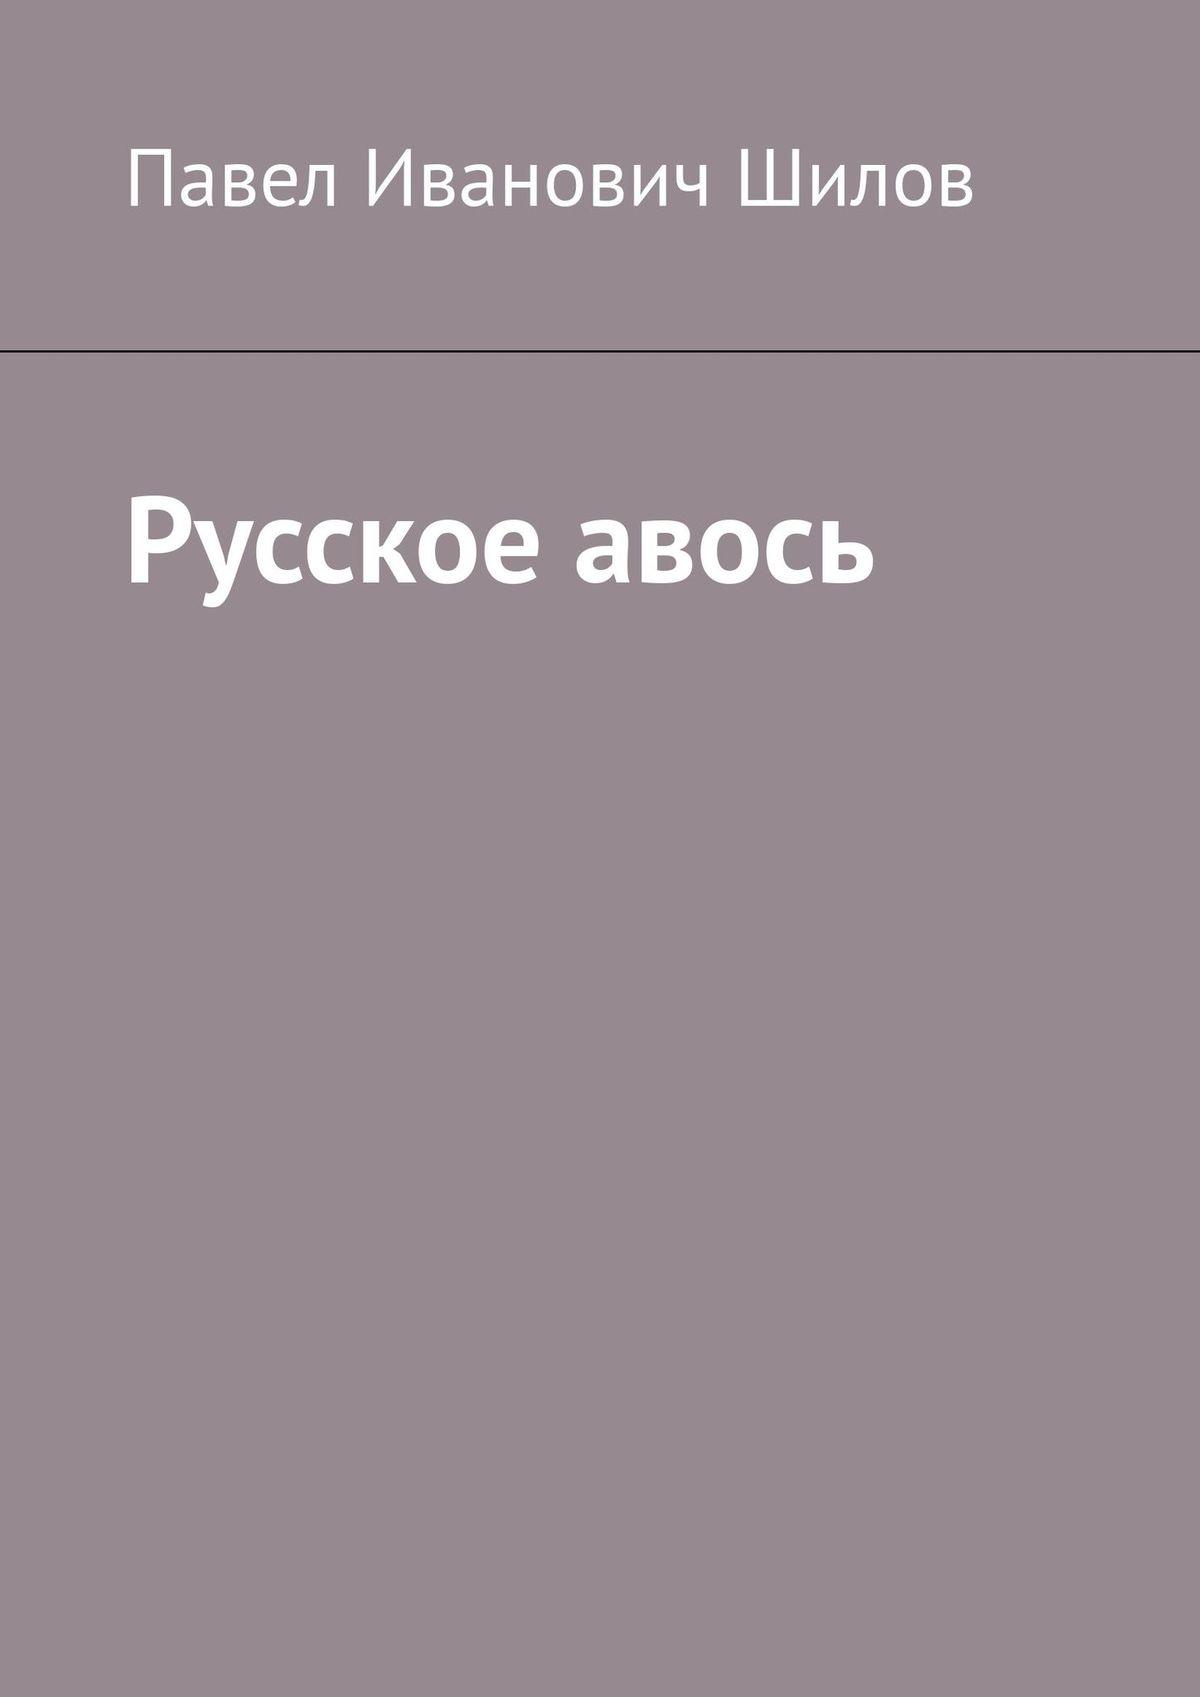 Русское авось. Павел Иванович Шилов. ISBN